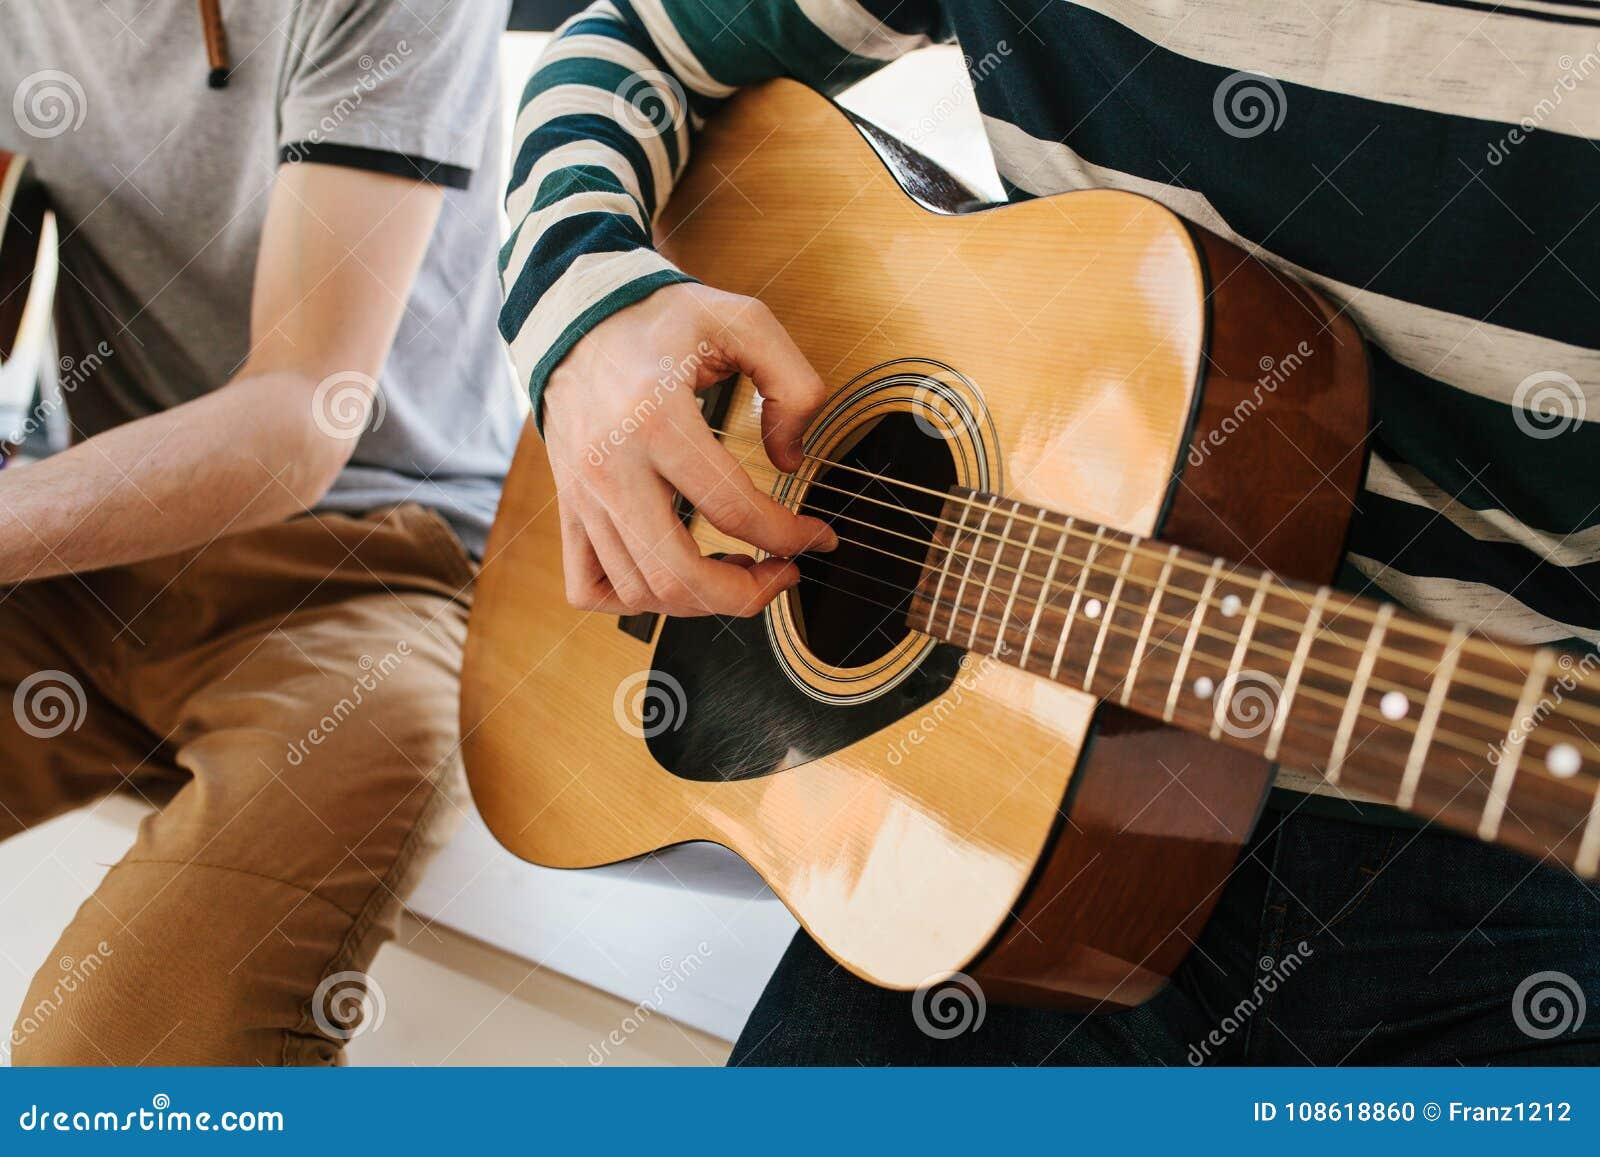 Lernen, die Gitarre zu spielen Musikpädagogik und extrakurrikulare Lektionen Hobbys und Begeisterung für das Spielen der Gitarre